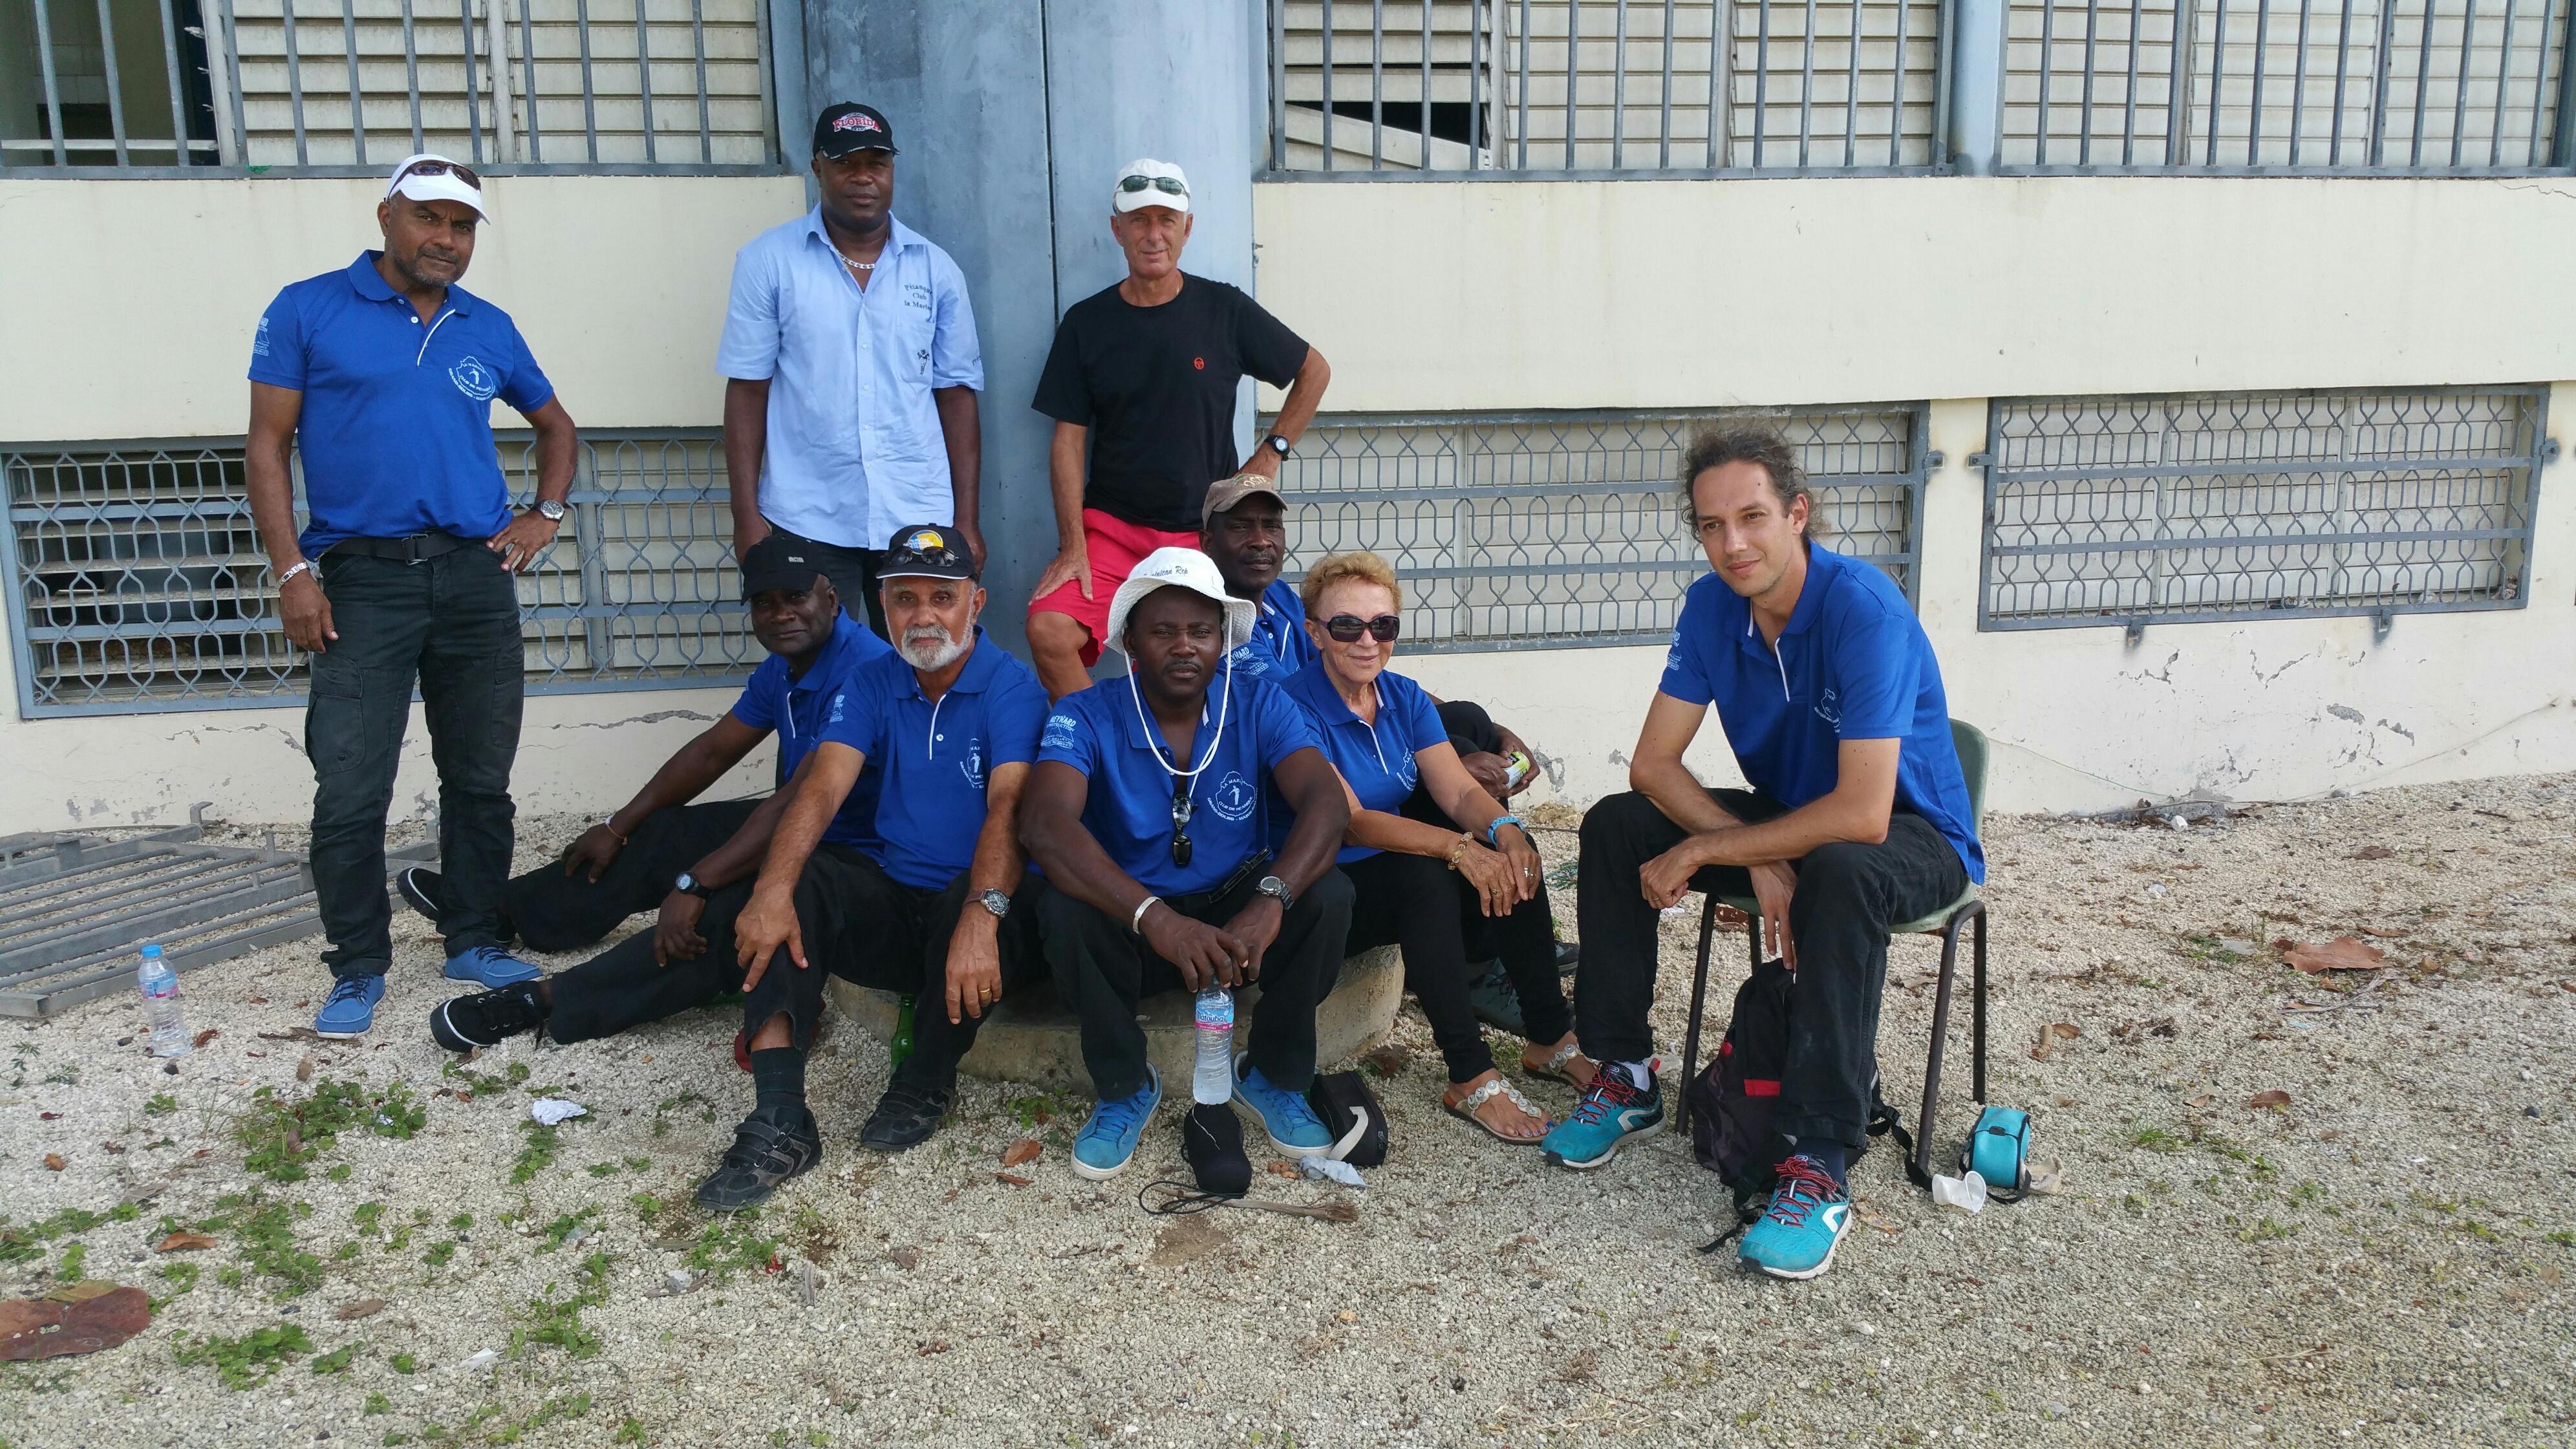 Le Club de Pétanque de la Marine de Marie-Galante à l'heure de la pause